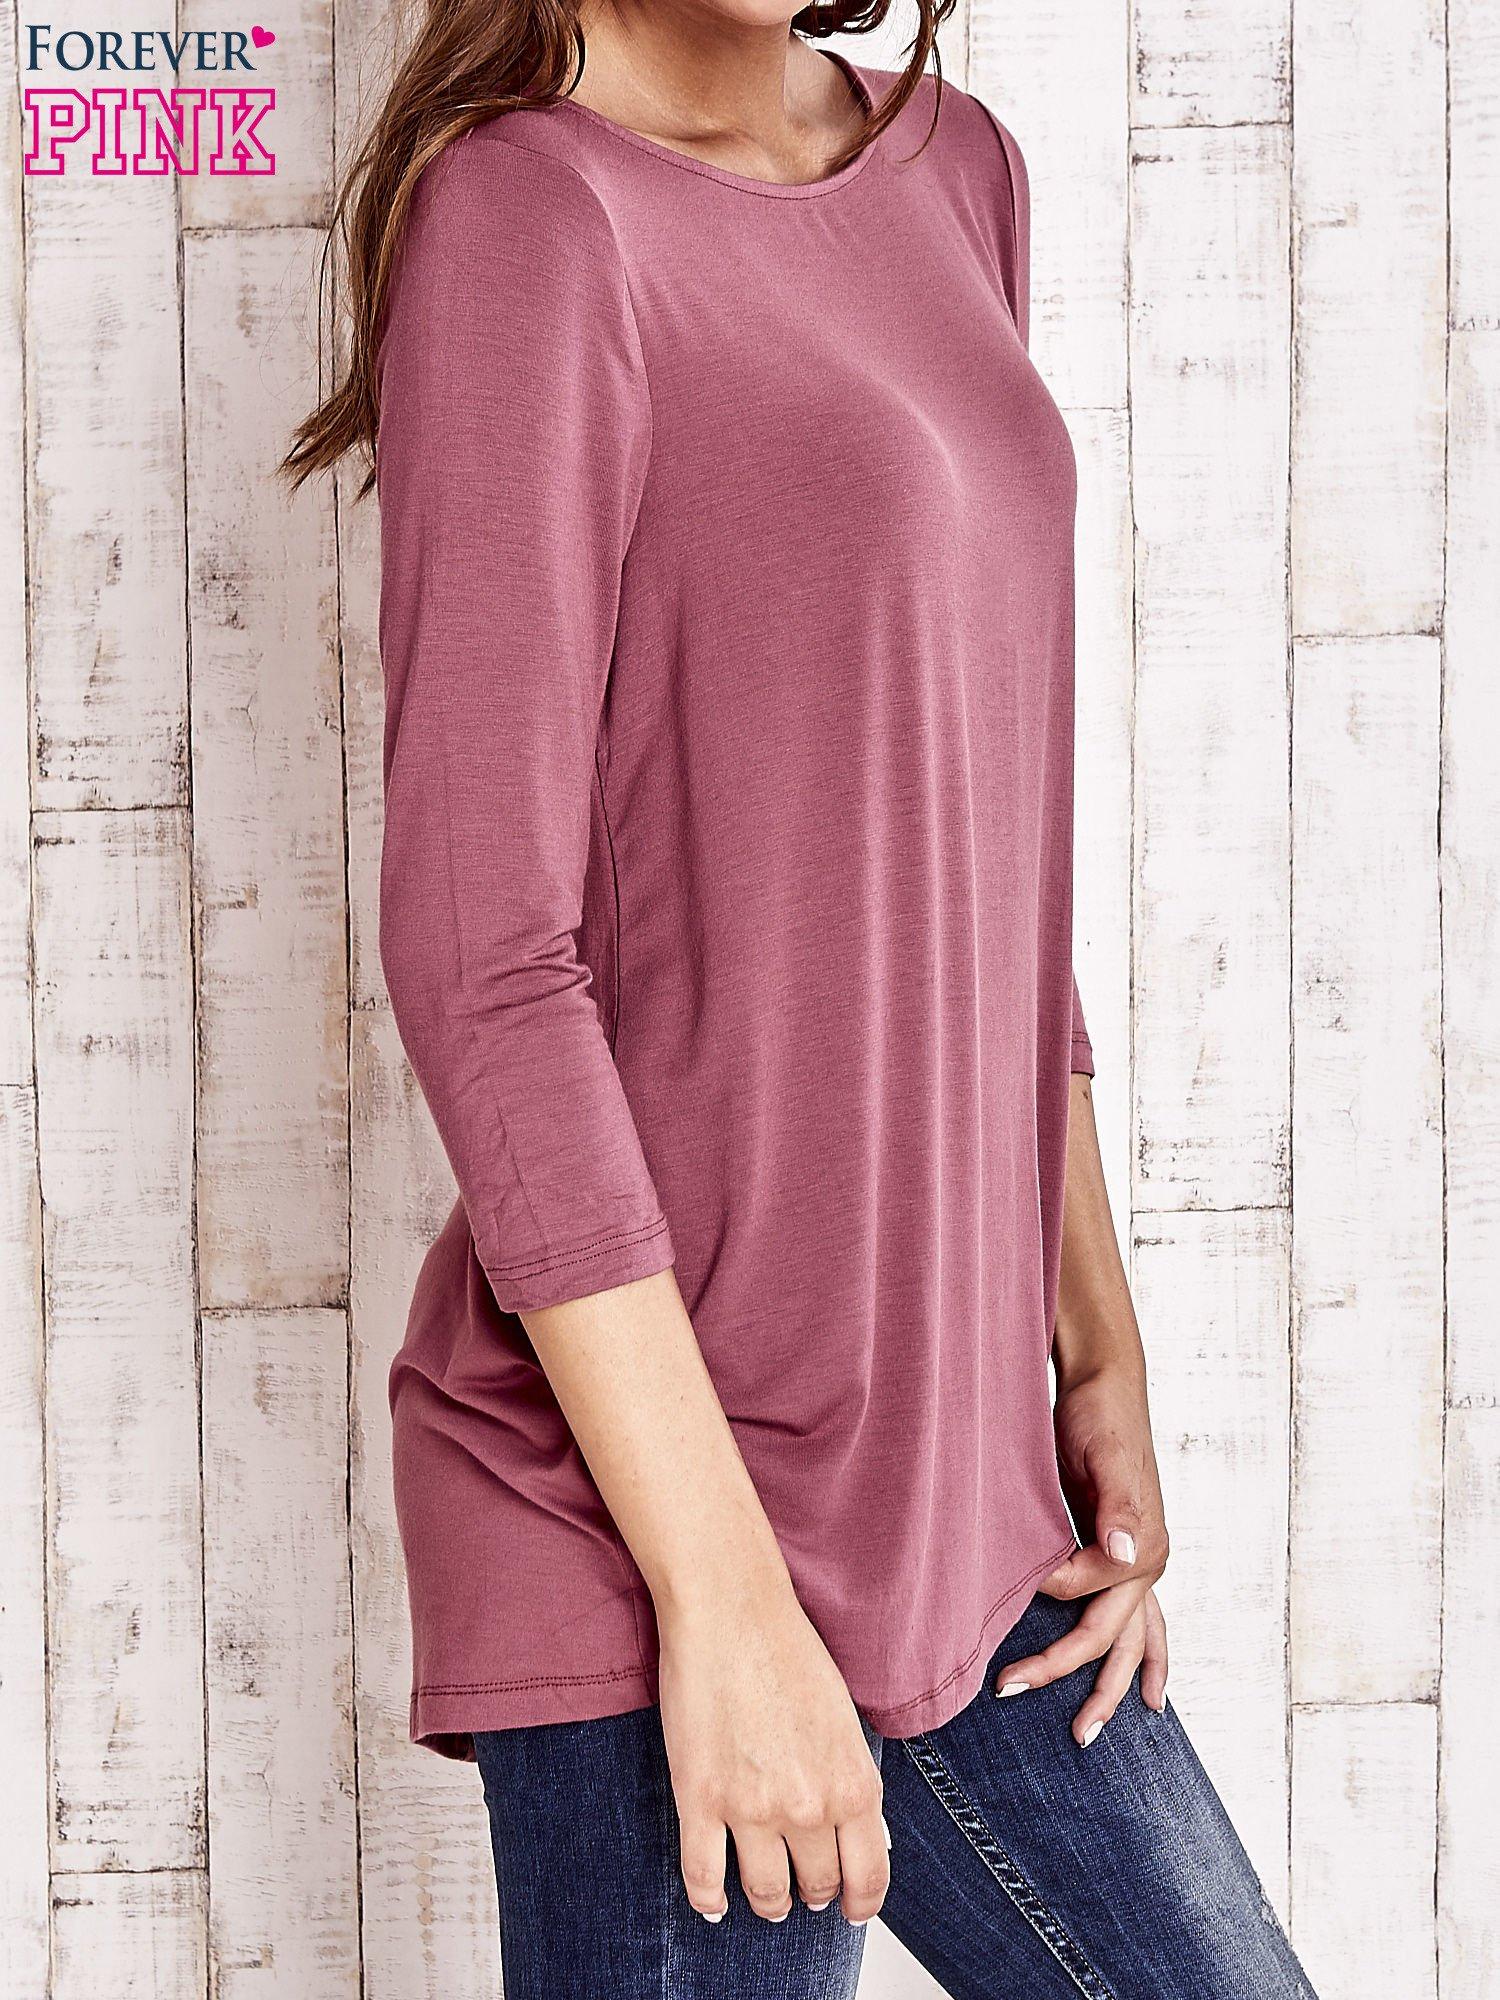 Bordowa bluzka z zapięciem typu łezka na placach                                  zdj.                                  3